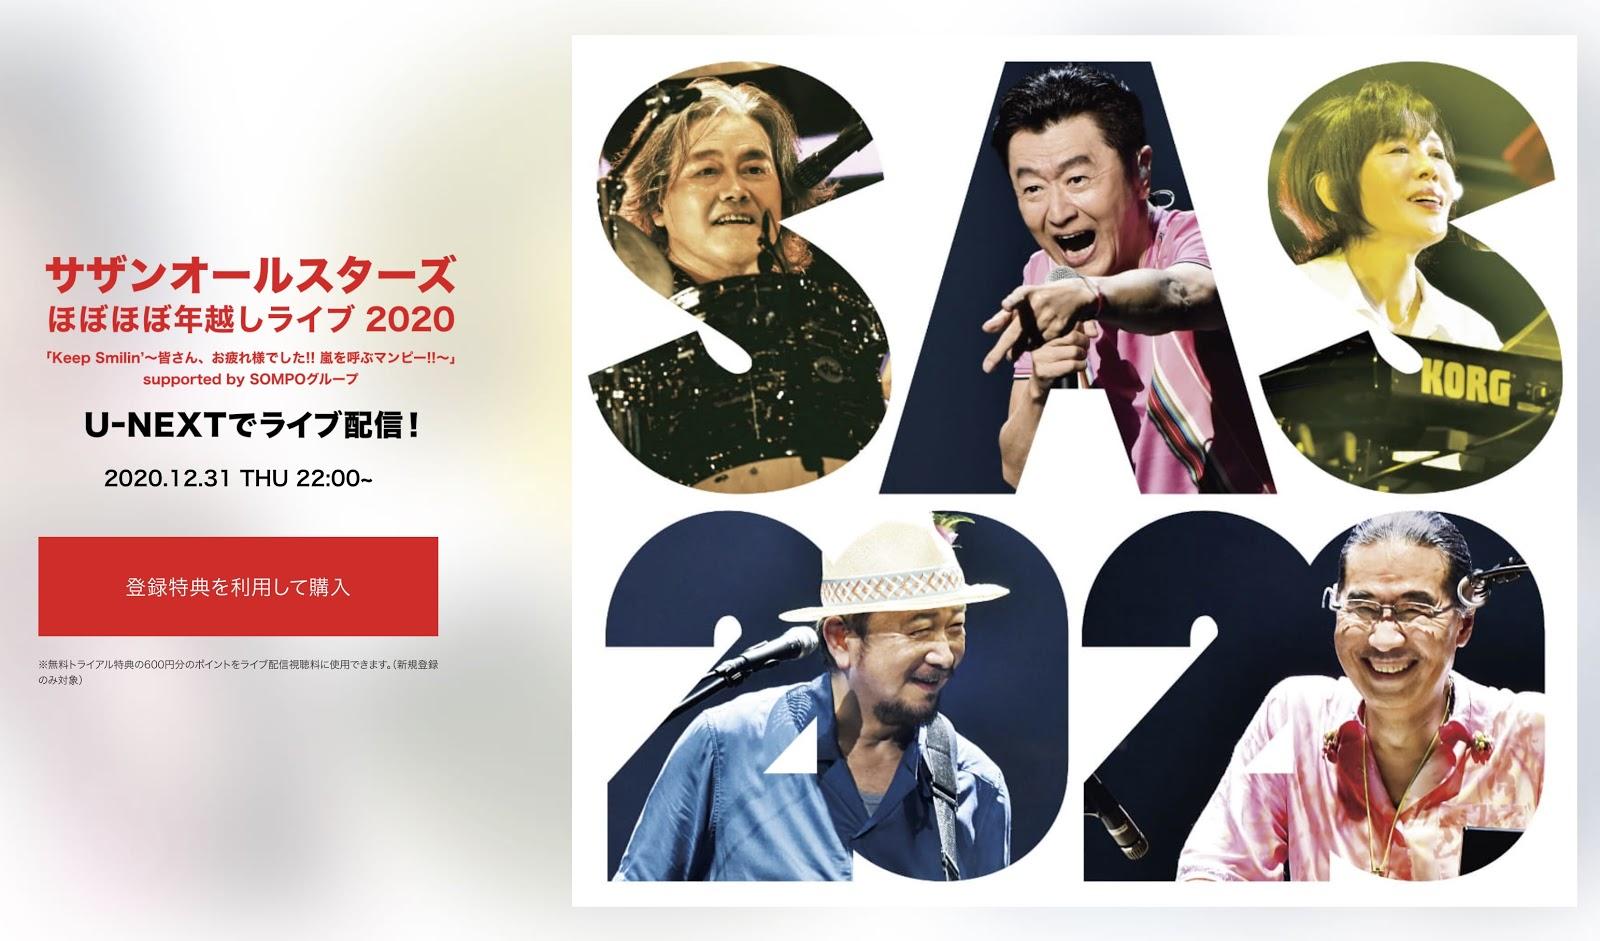 サザンライブU-NEXT